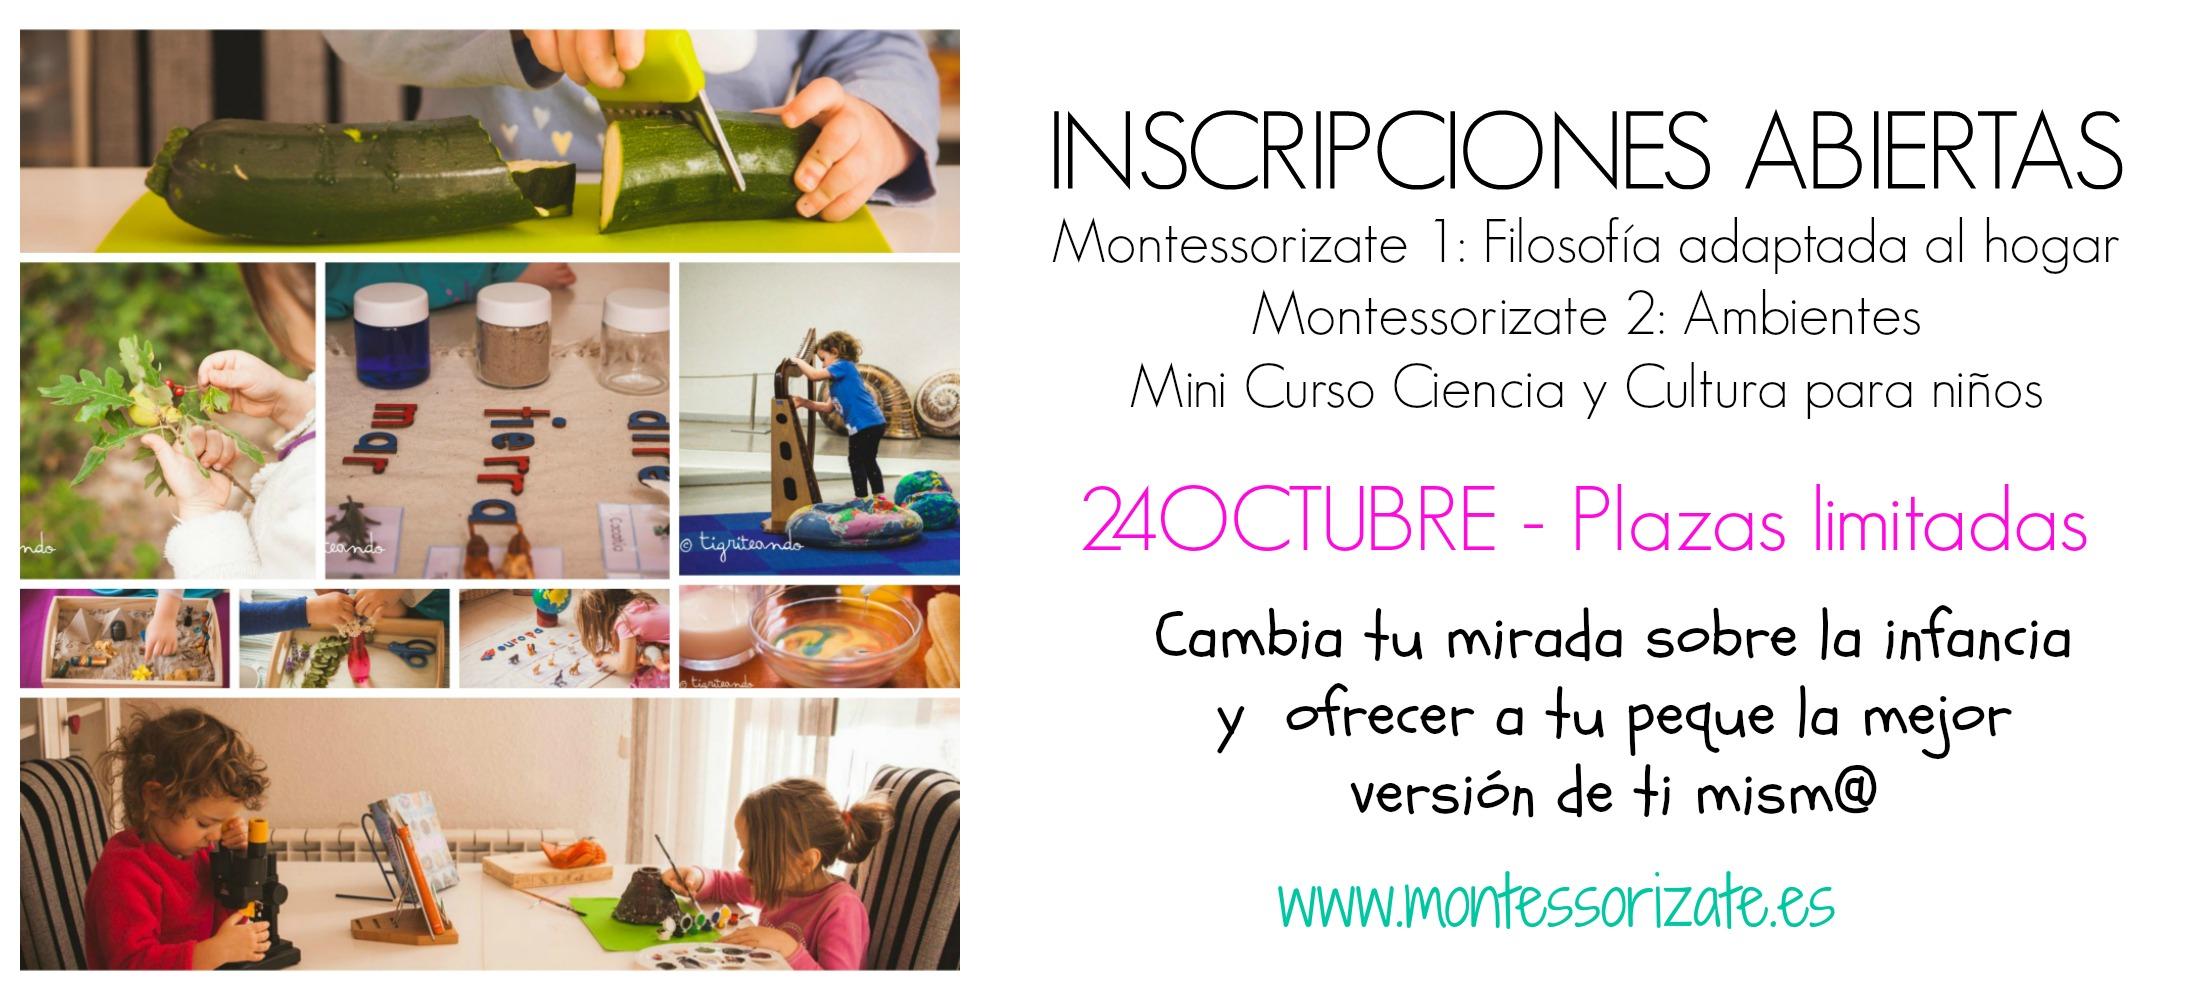 cursos-montessori-familias-montessorizate